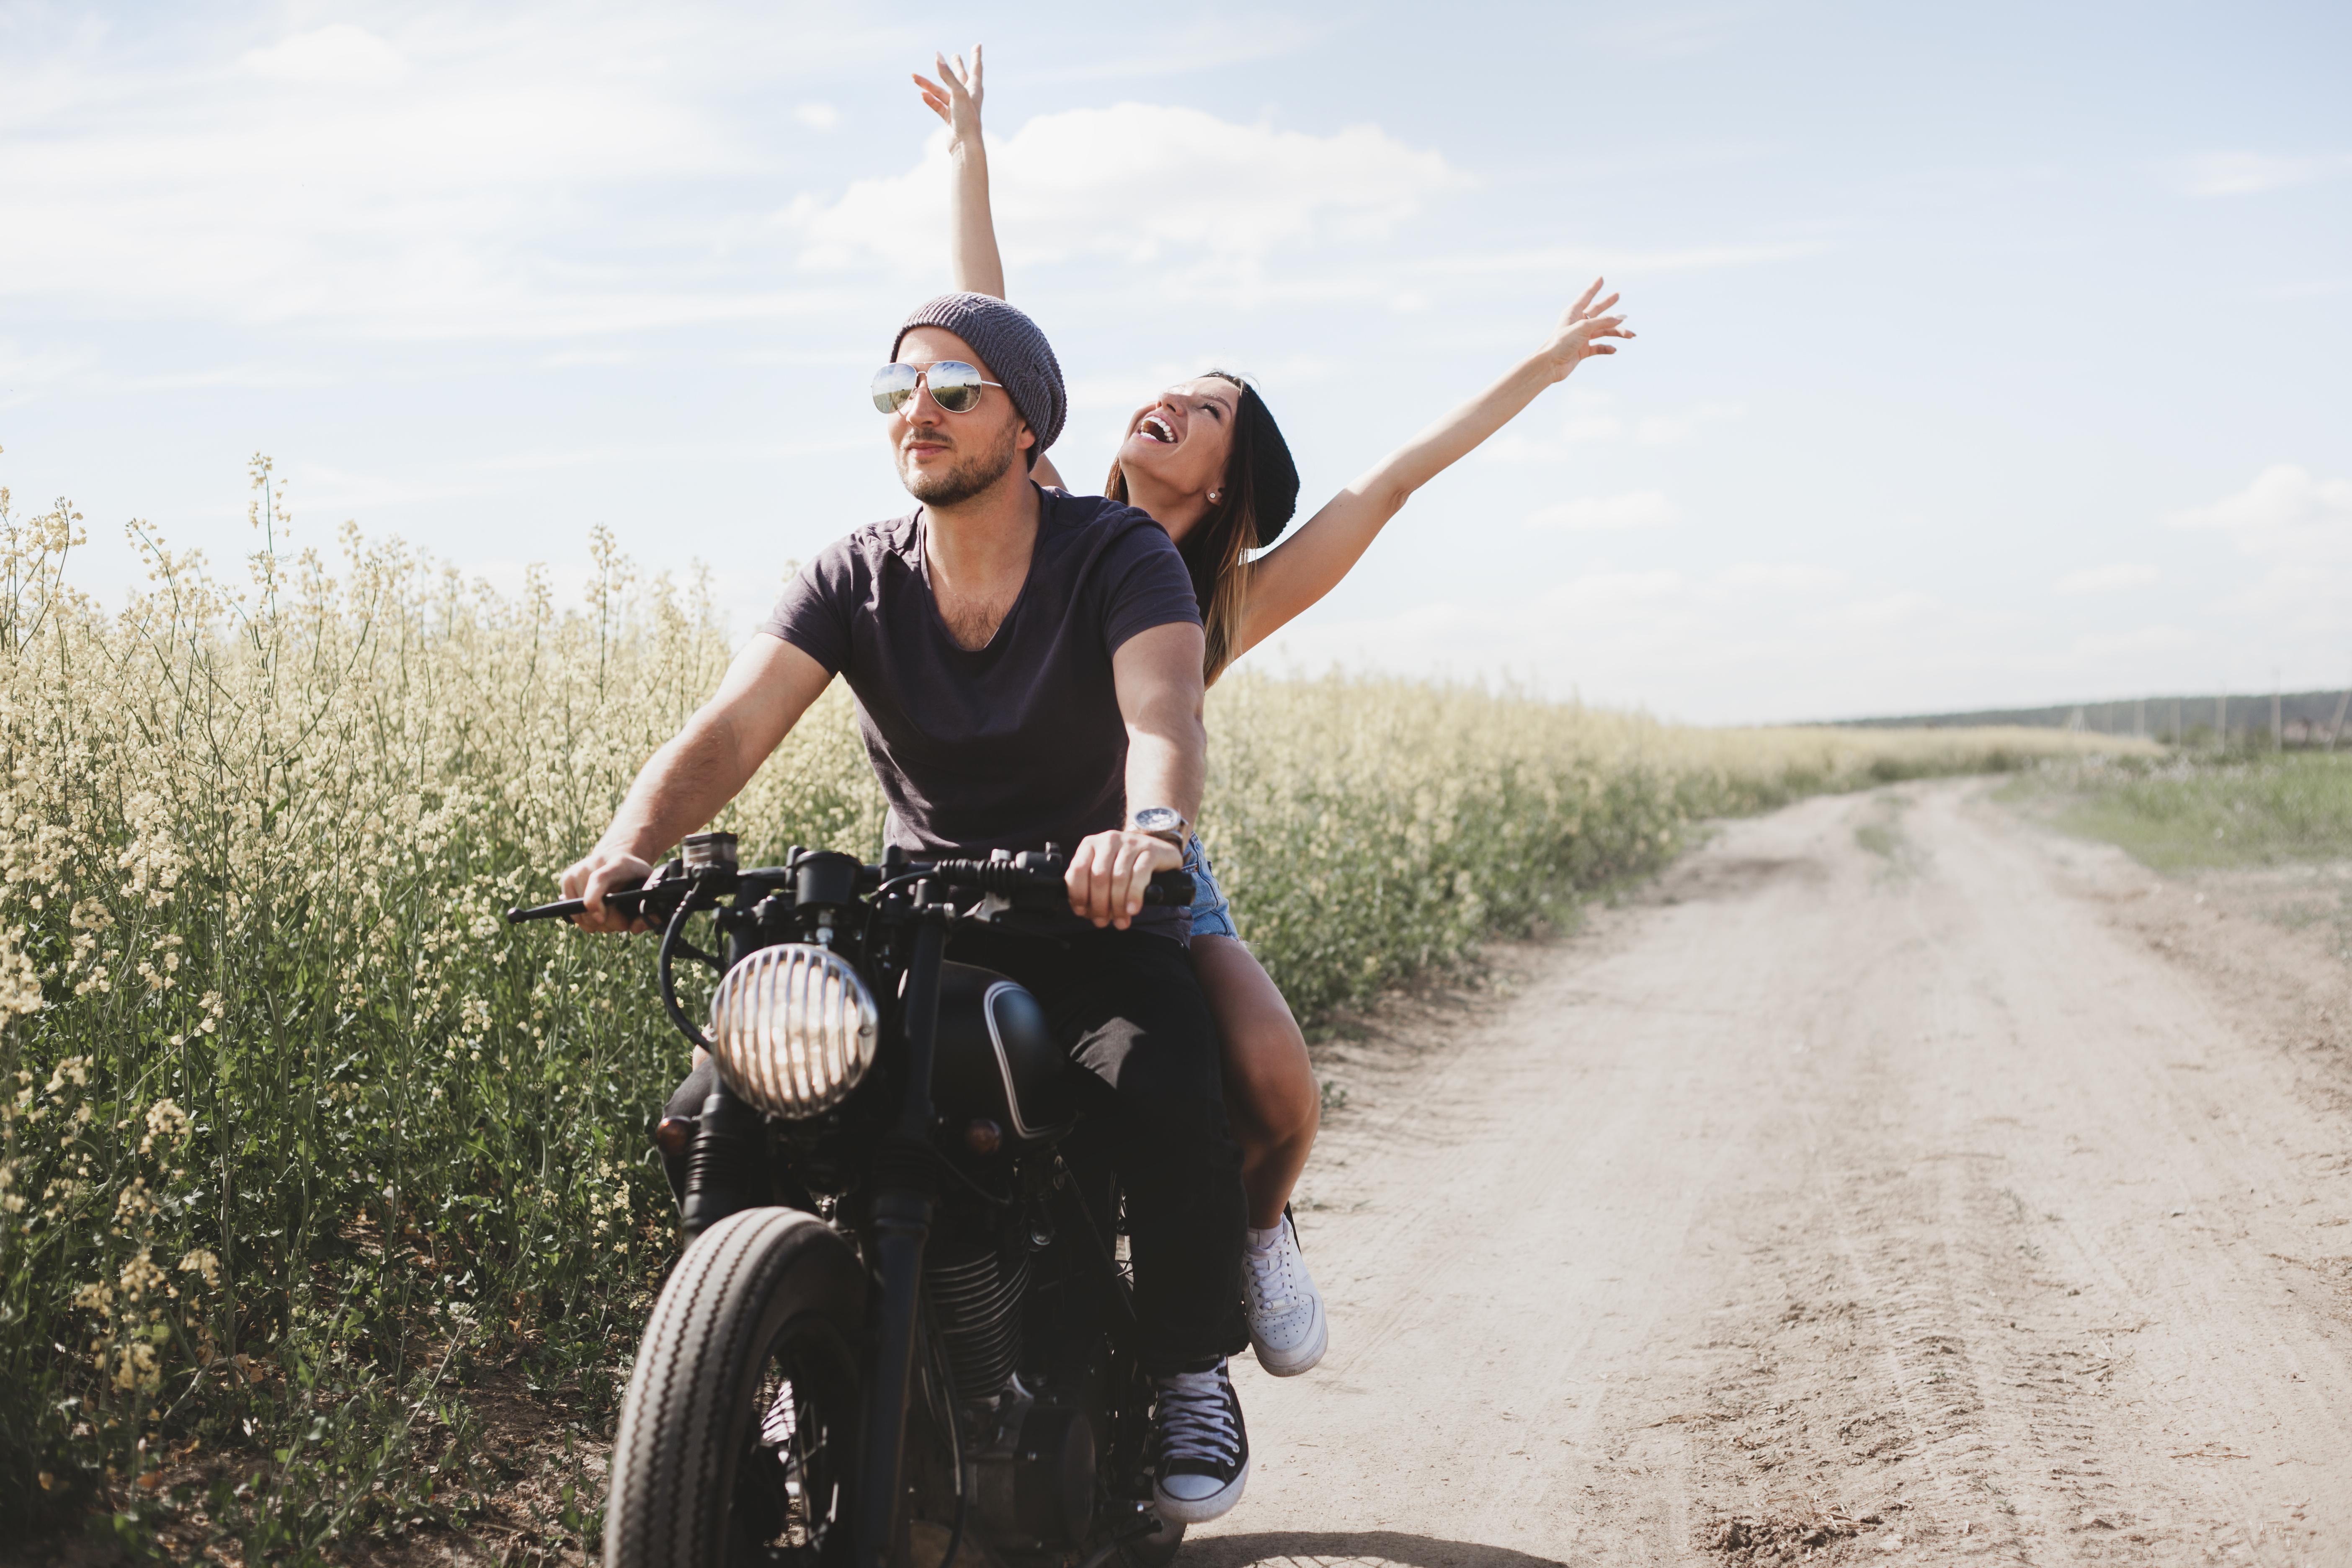 Un quart des adultes en âge de concevoir « ne veulent pas d'enfants » et cela ne les empêche pas « d'être toujours heureux » (Visuel Adobe Stock 158564543)